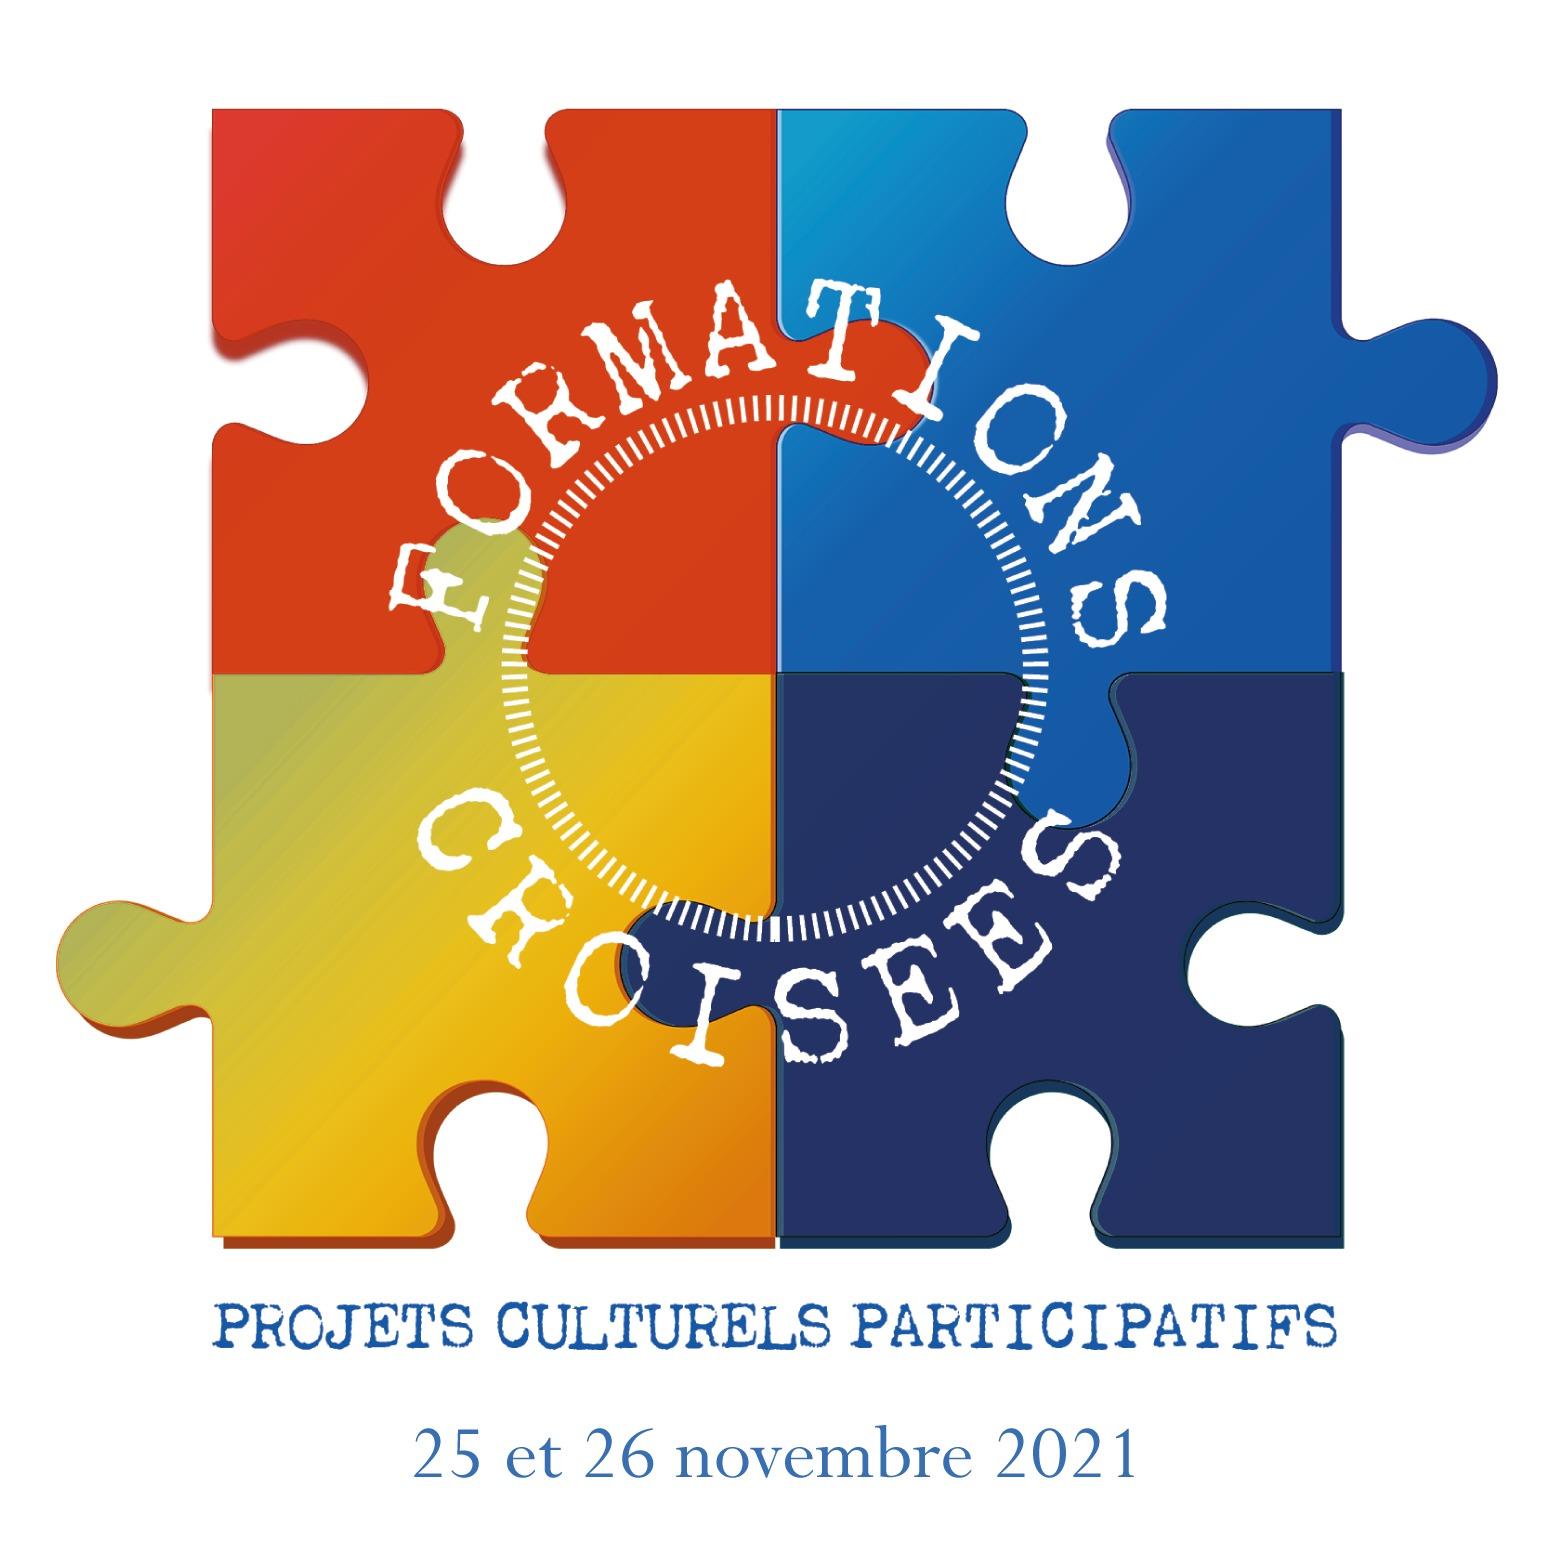 Formations Croisées le 25 et 26 novembre 2021: Mettre en œuvre un projet culturel portant sur la diversité linguistique